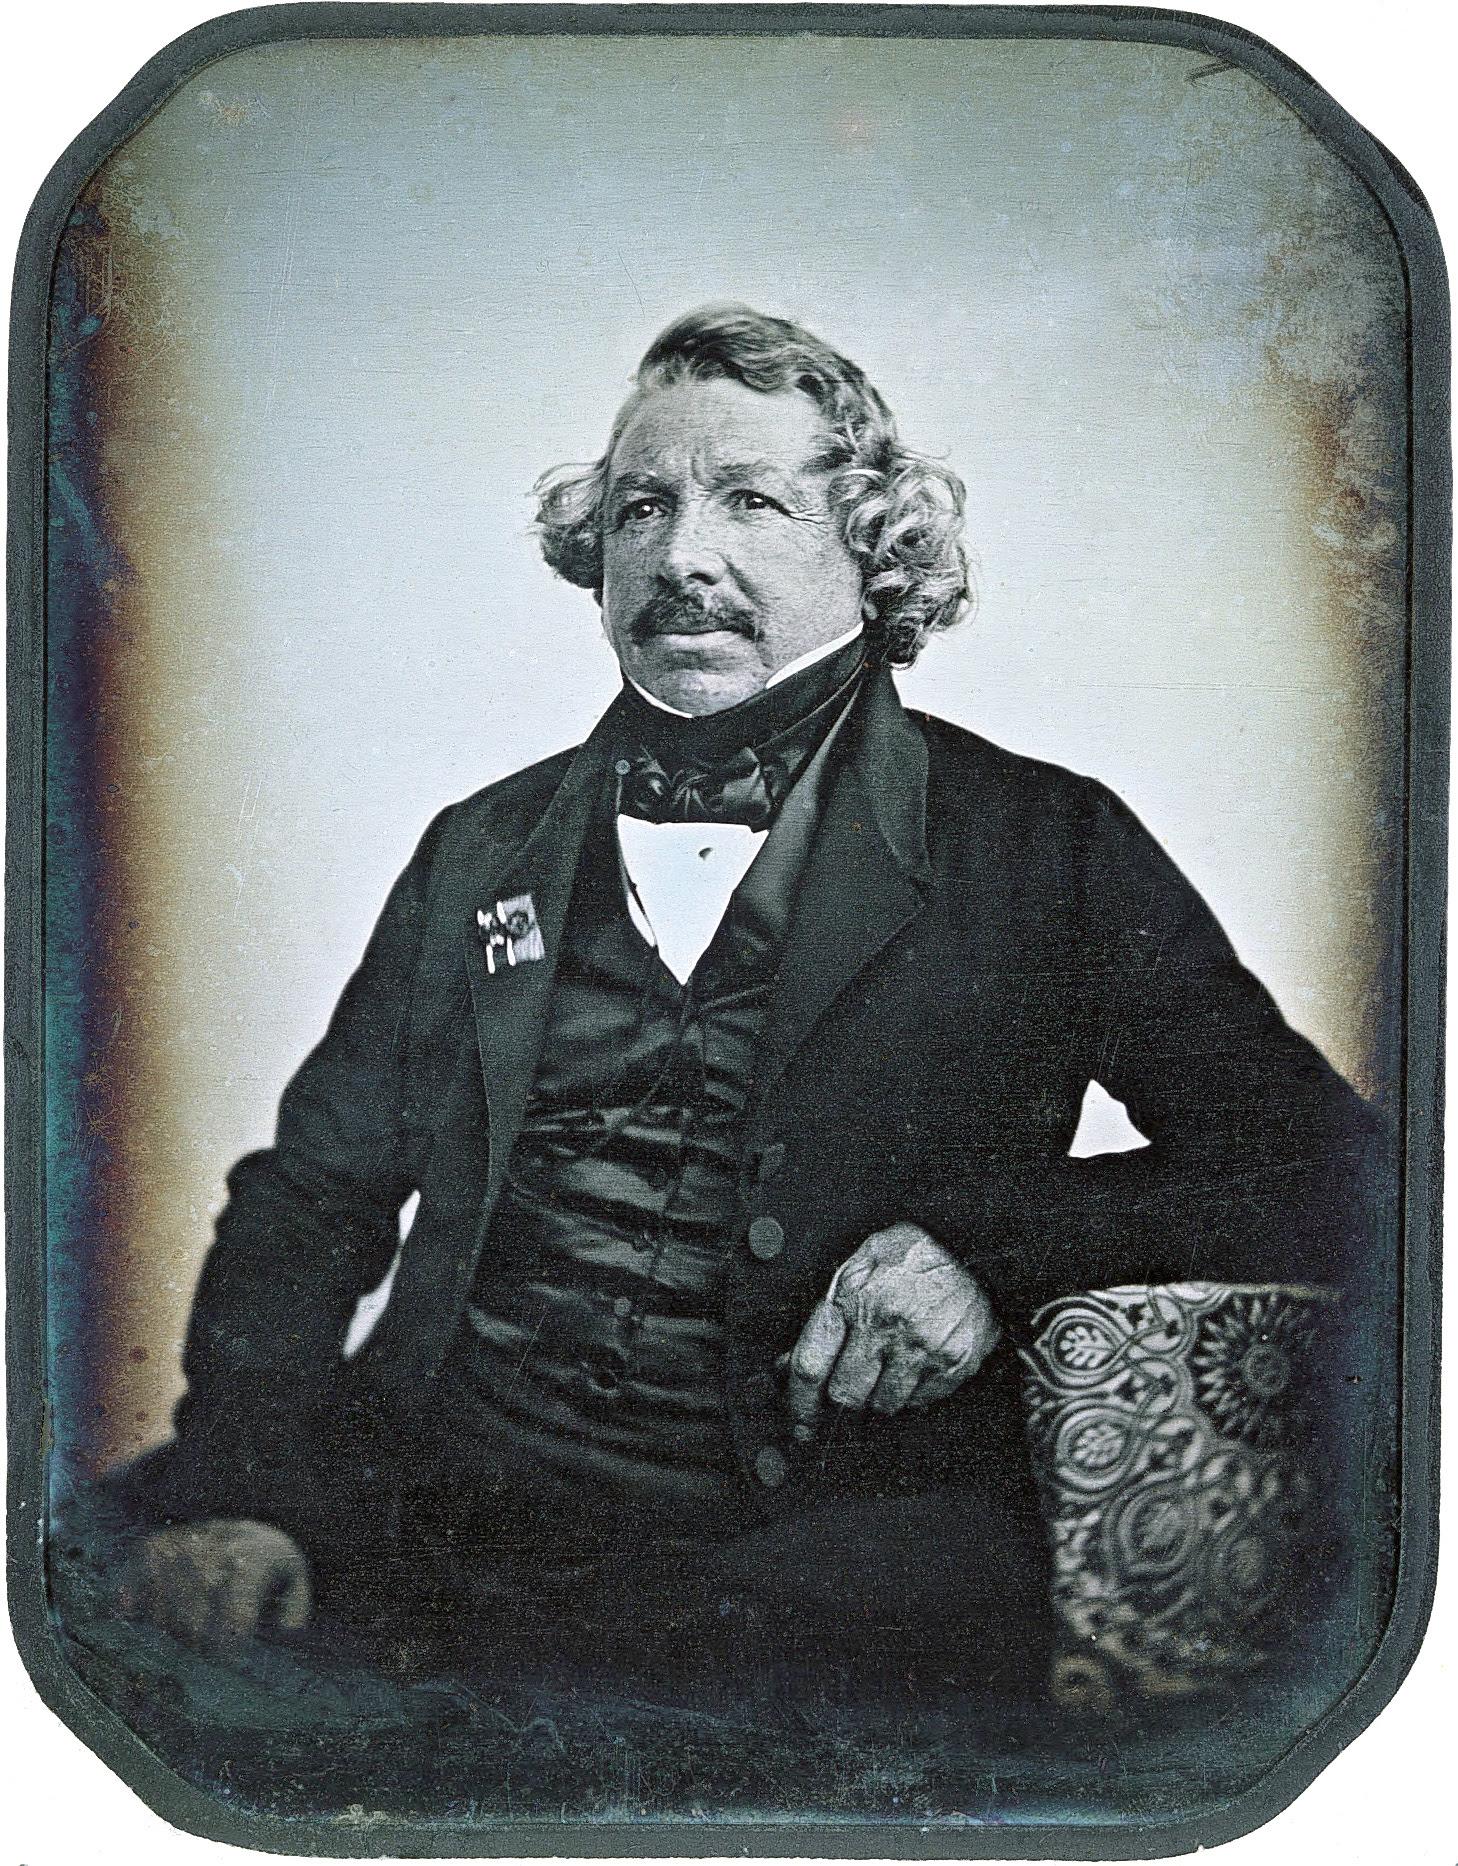 http://upload.wikimedia.org/wikipedia/commons/2/2e/Louis_Daguerre_2.jpg